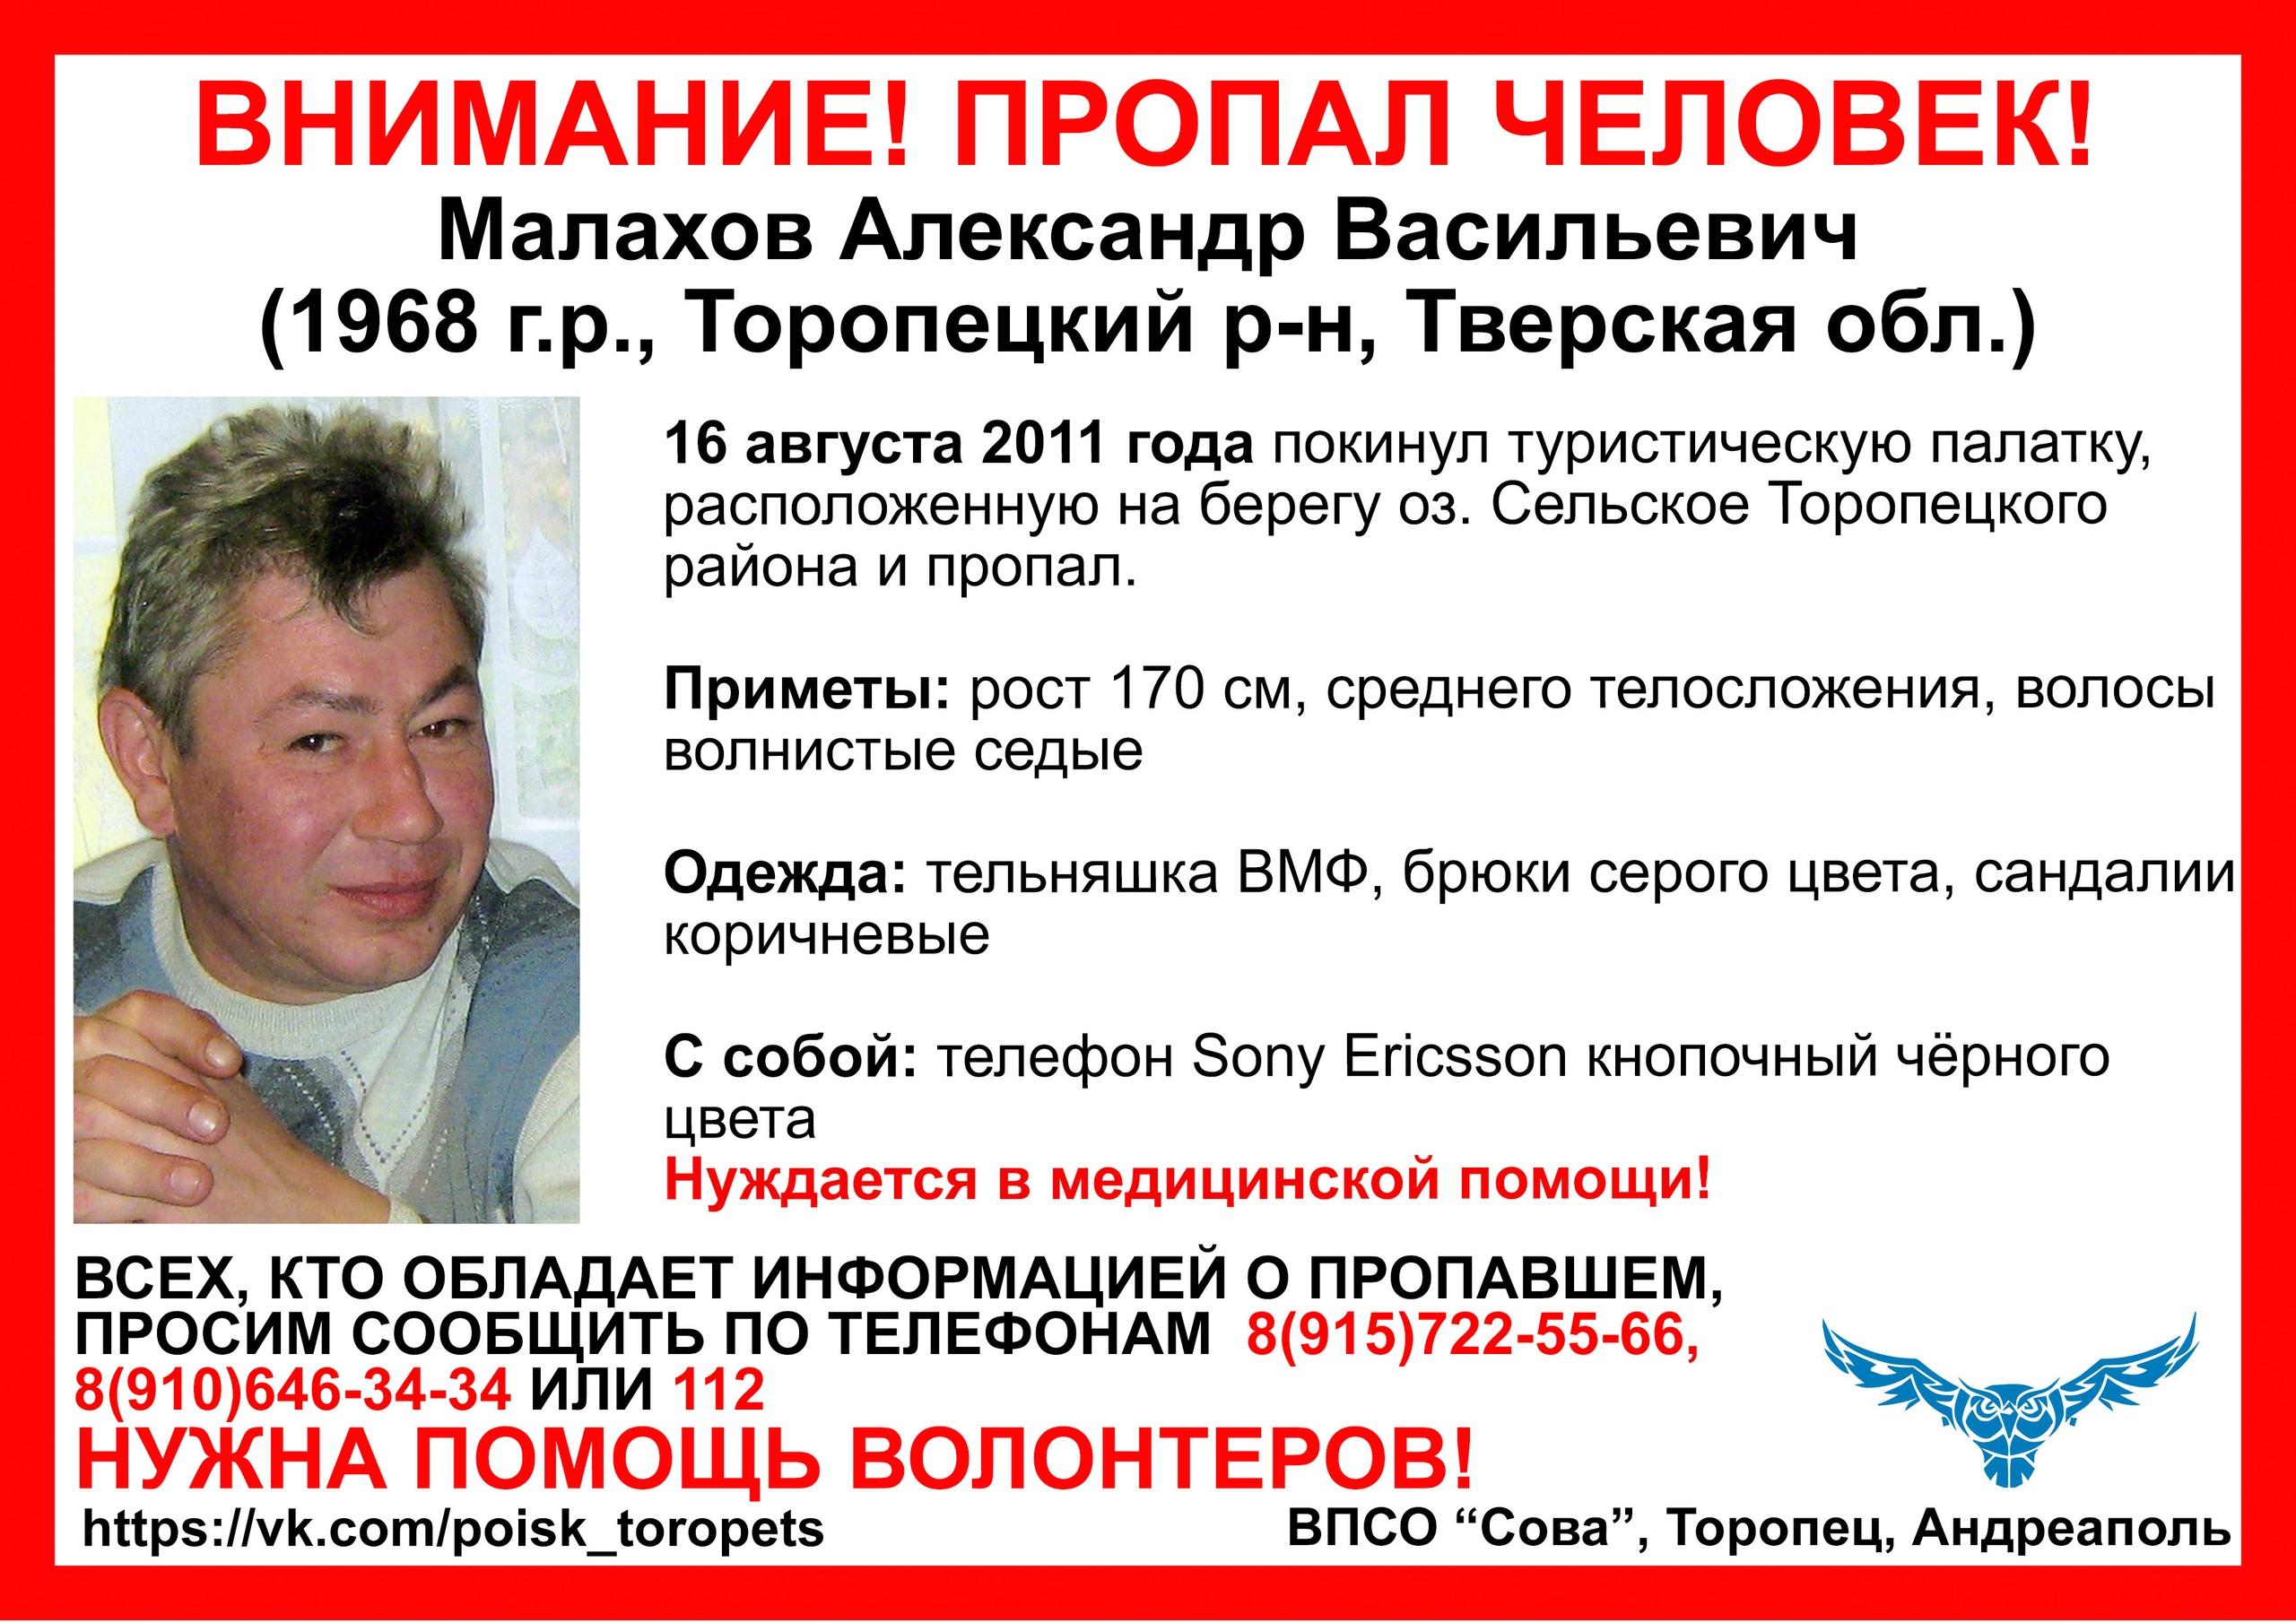 В Тверской области ищут мужчину, вышедшего из палатки 10 лет назад